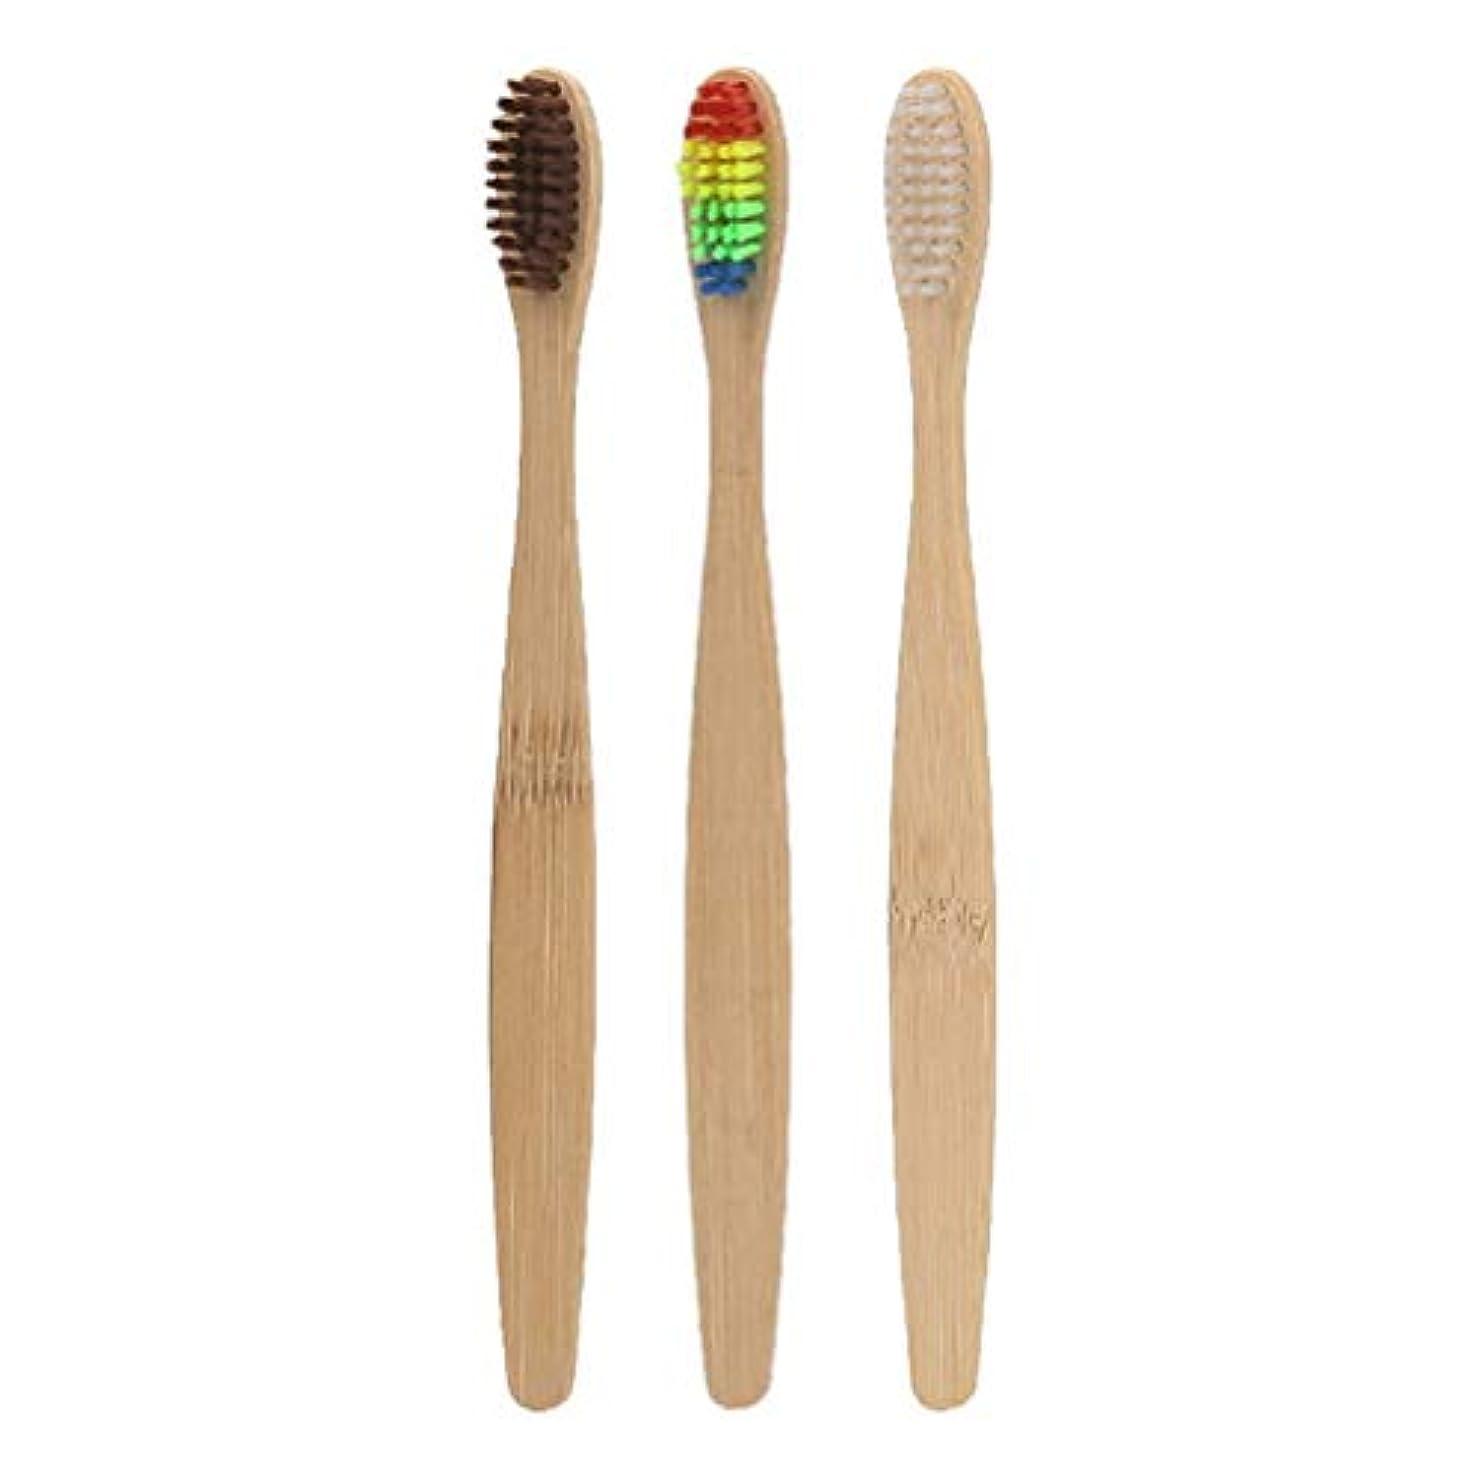 主婦ビジュアル並外れてSUPVOX 男性の女性のための3本の天然竹歯ブラシ生分解性歯ブラシ